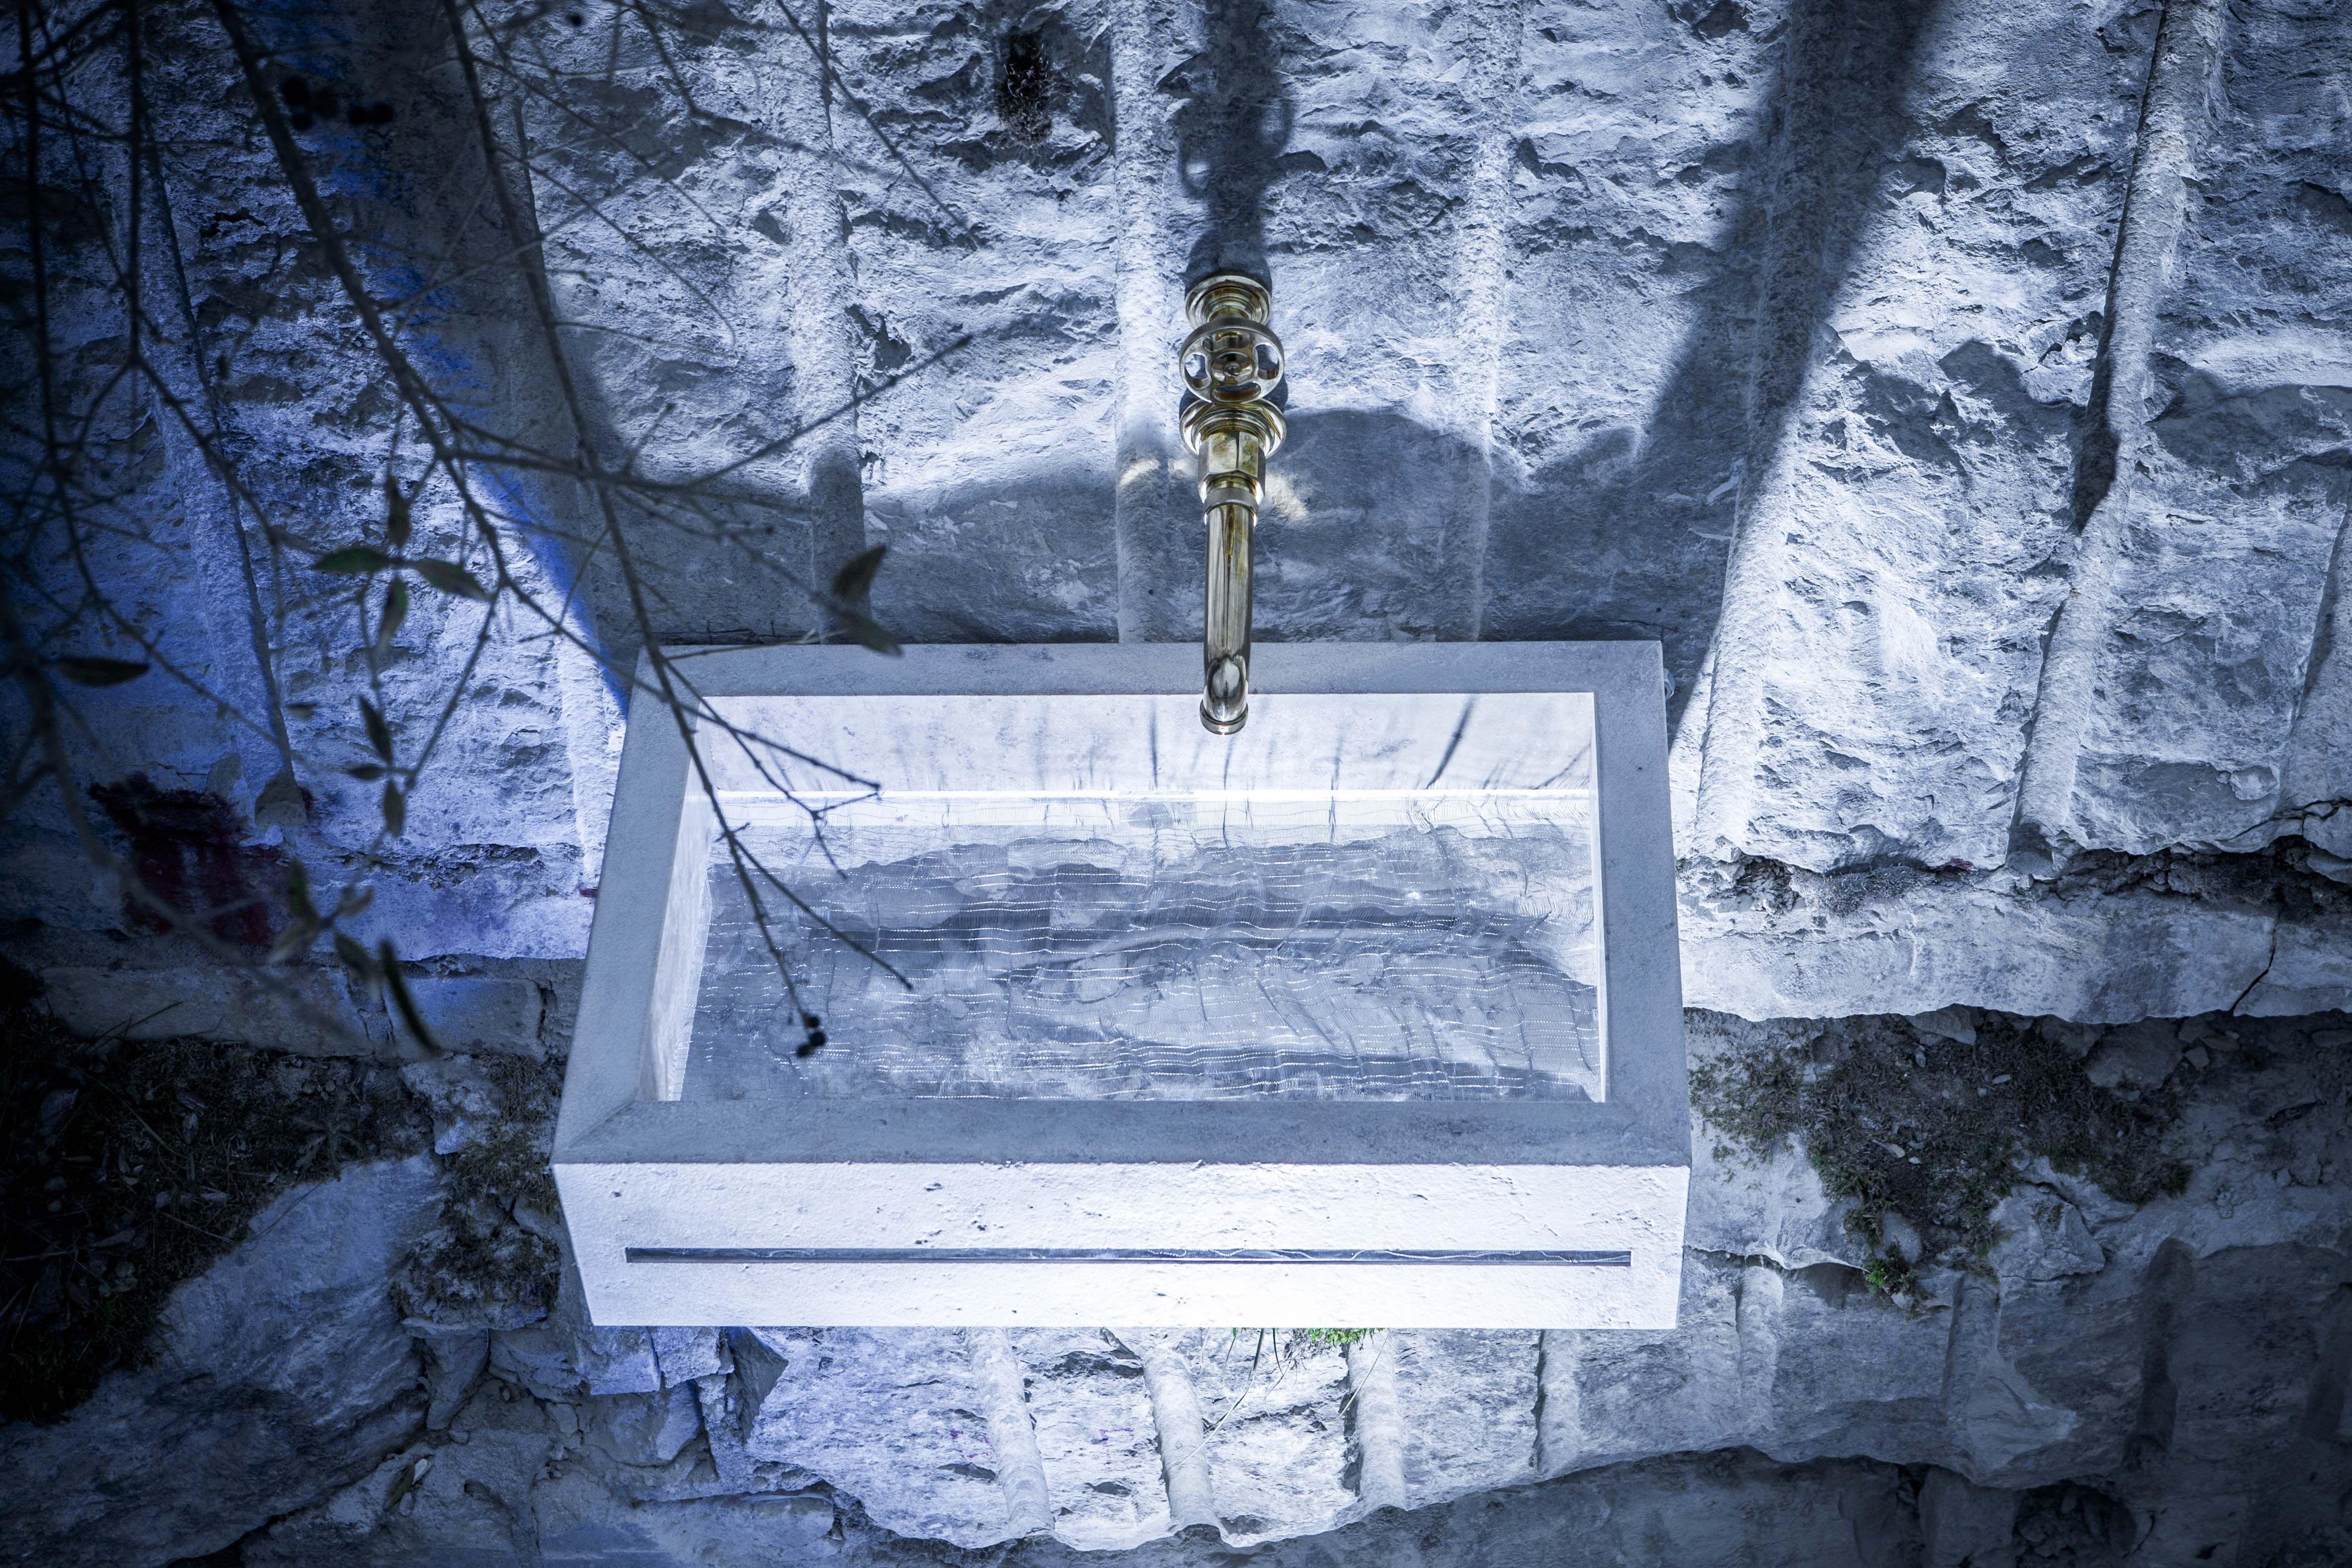 """Mit JUBASSIN inszeniert sich JUMA EXCLUSIVE einmal mehr als Badtraum """"Made in Germany"""". JUBASSIN kombiniert aufwendig aufbereiteten Naturstein mit einer verschiedenen edlen, effektvollen Acryl-Kreationen. Eine weitere Innovation im Badbereich: der unsichtbare Wasserabfluss, der für Betrachter offen lässt, wohin das Wasser abfließt."""